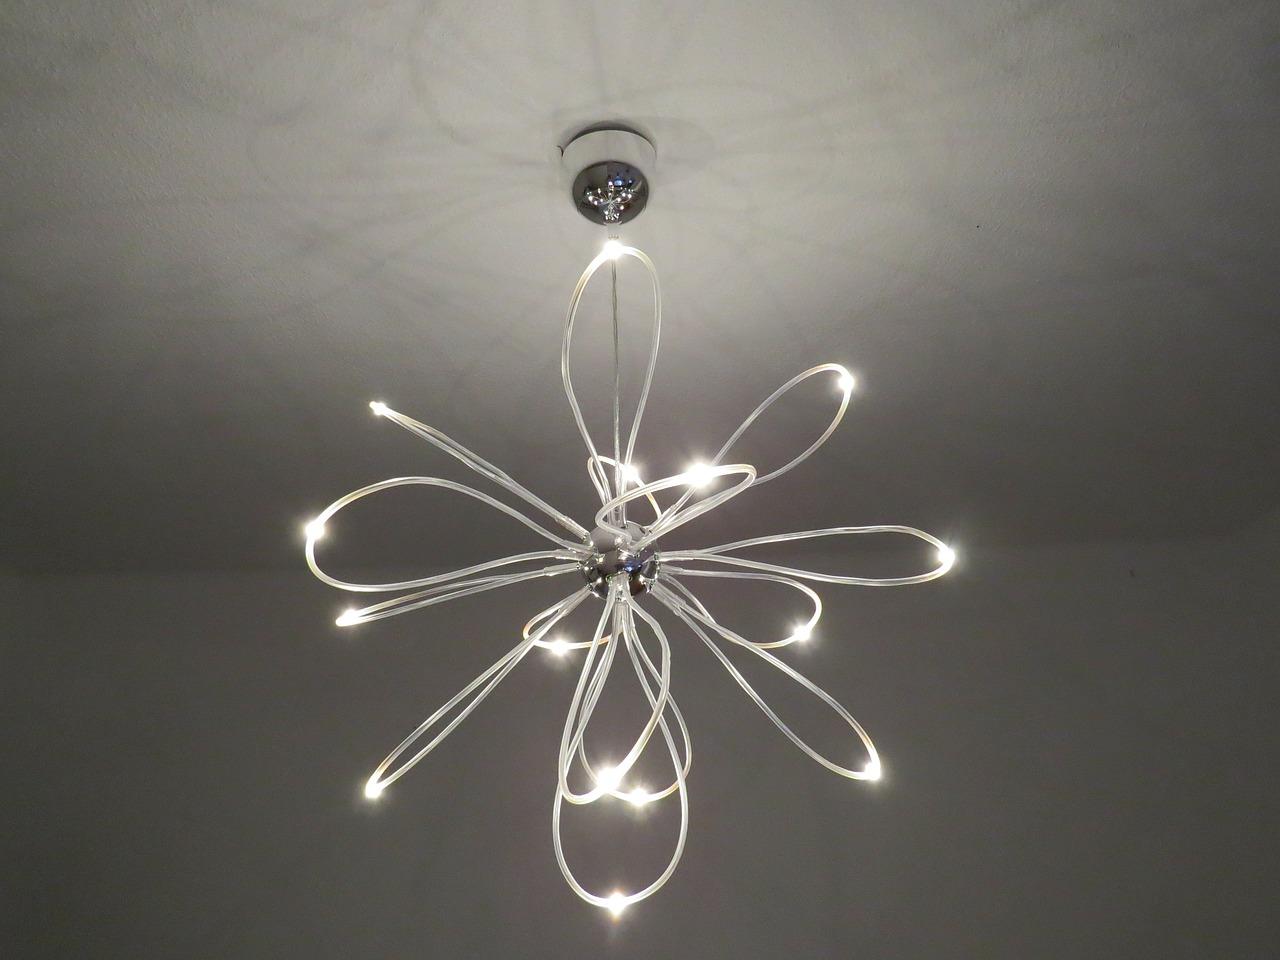 Ein modernes Lichtdesign dank LED-Technik